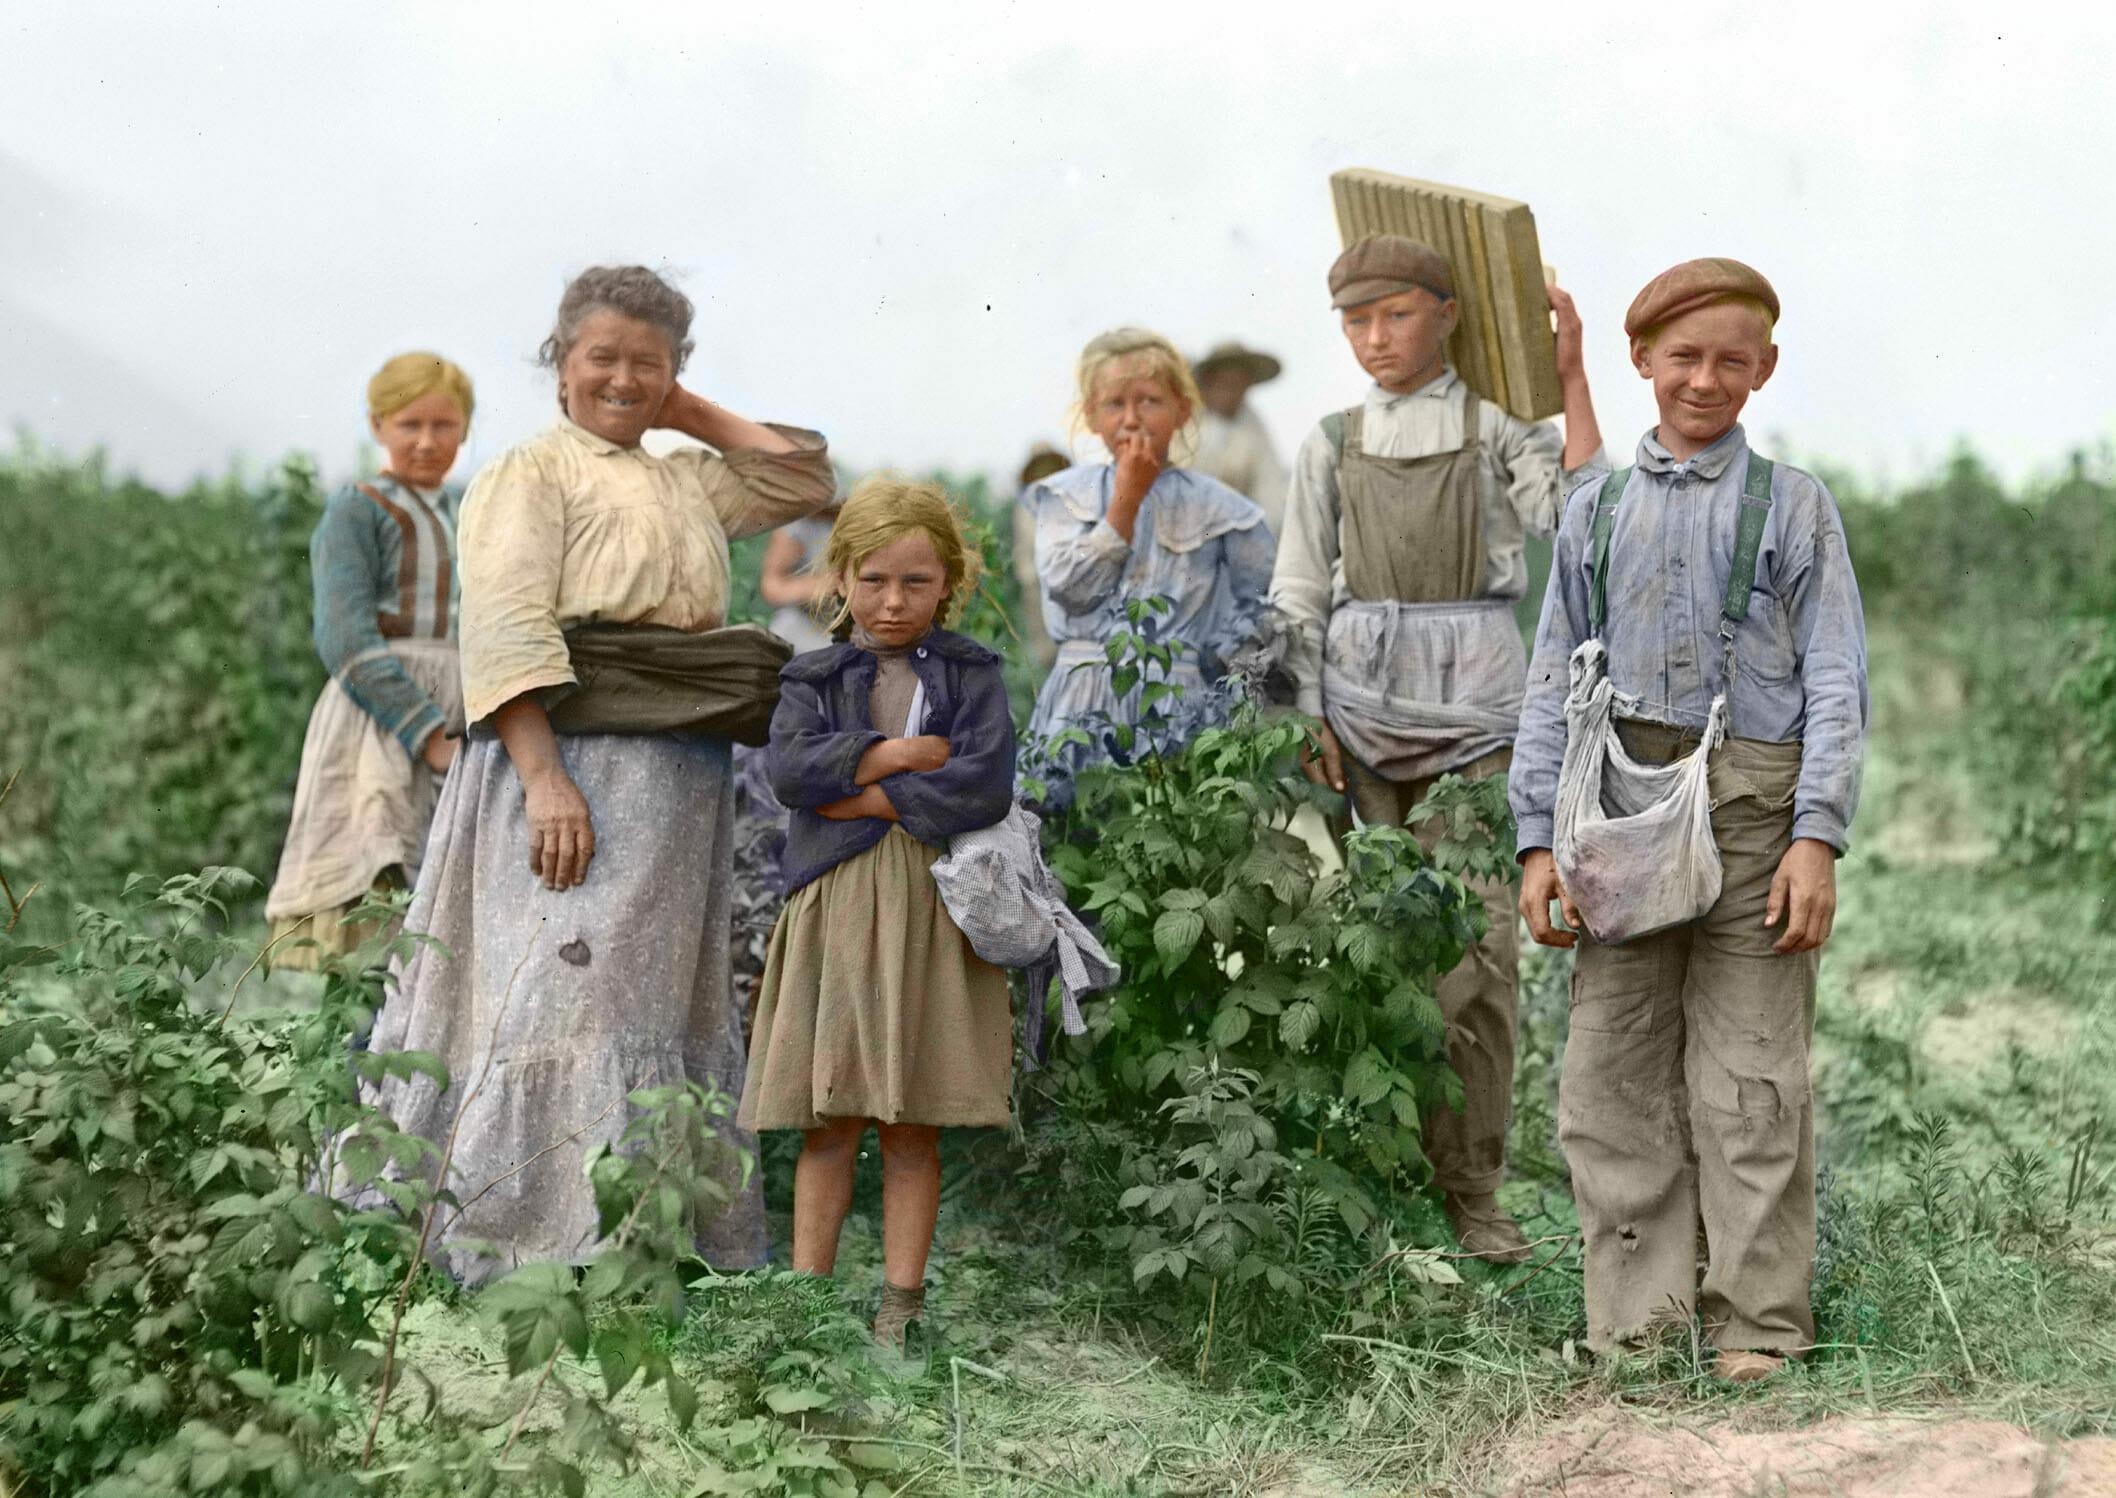 Koloryzowane zdjęcie rodziny zbierającej plony na początku XX wieku